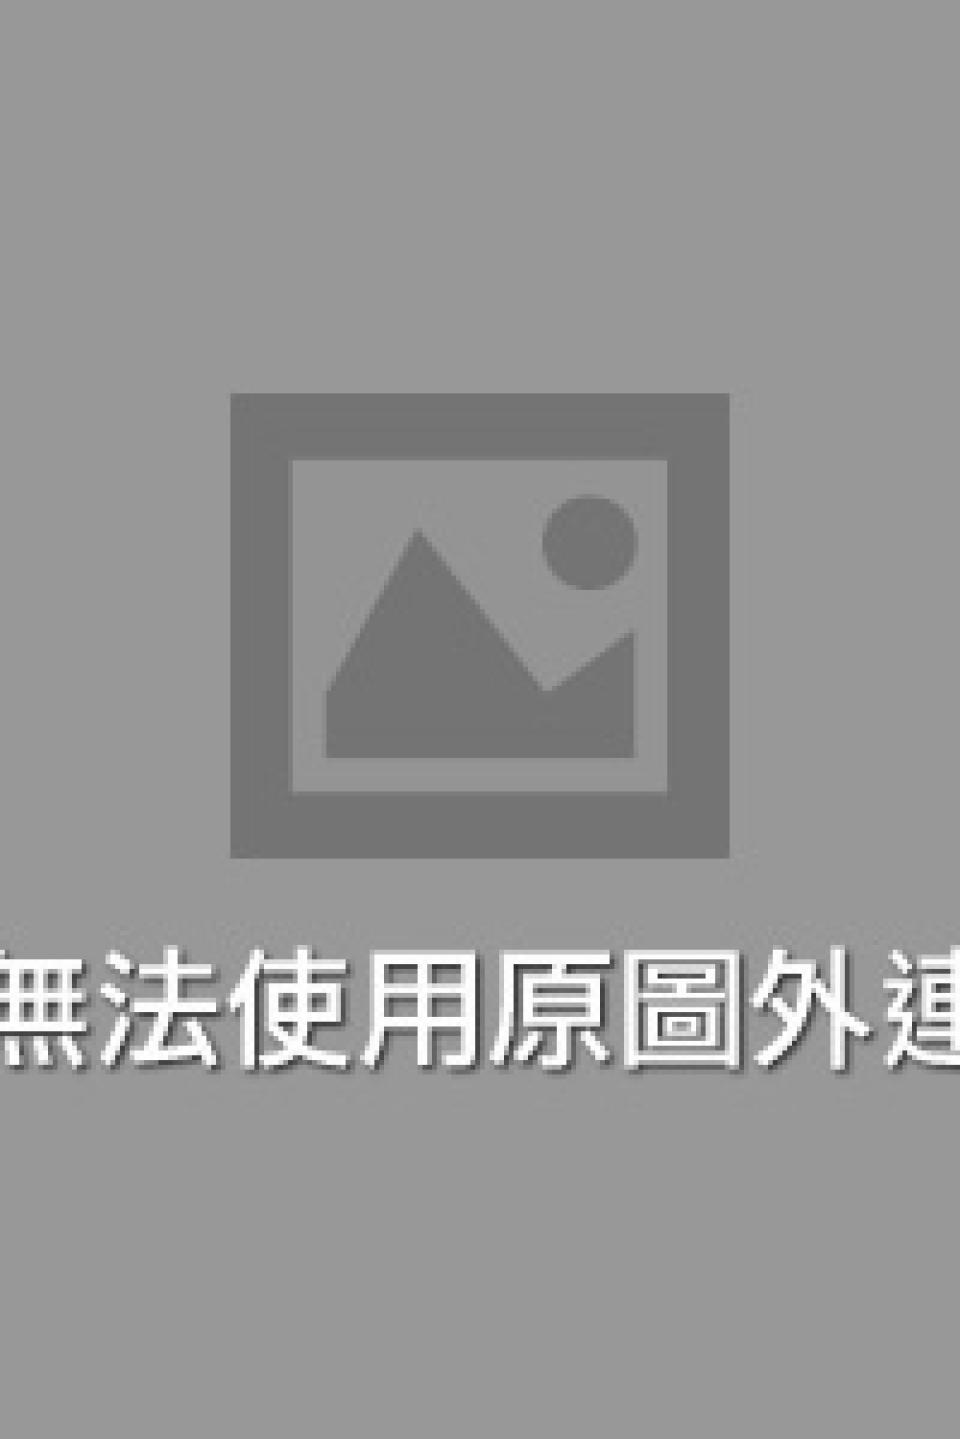 DSC_9775a.jpg - 二館 1F-A